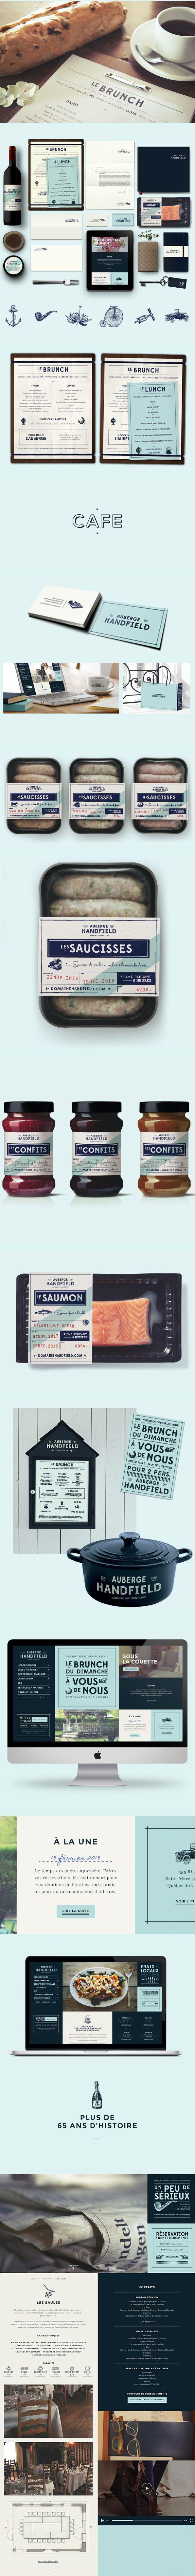 Auberge Handfield #identity #packaging #branding PD